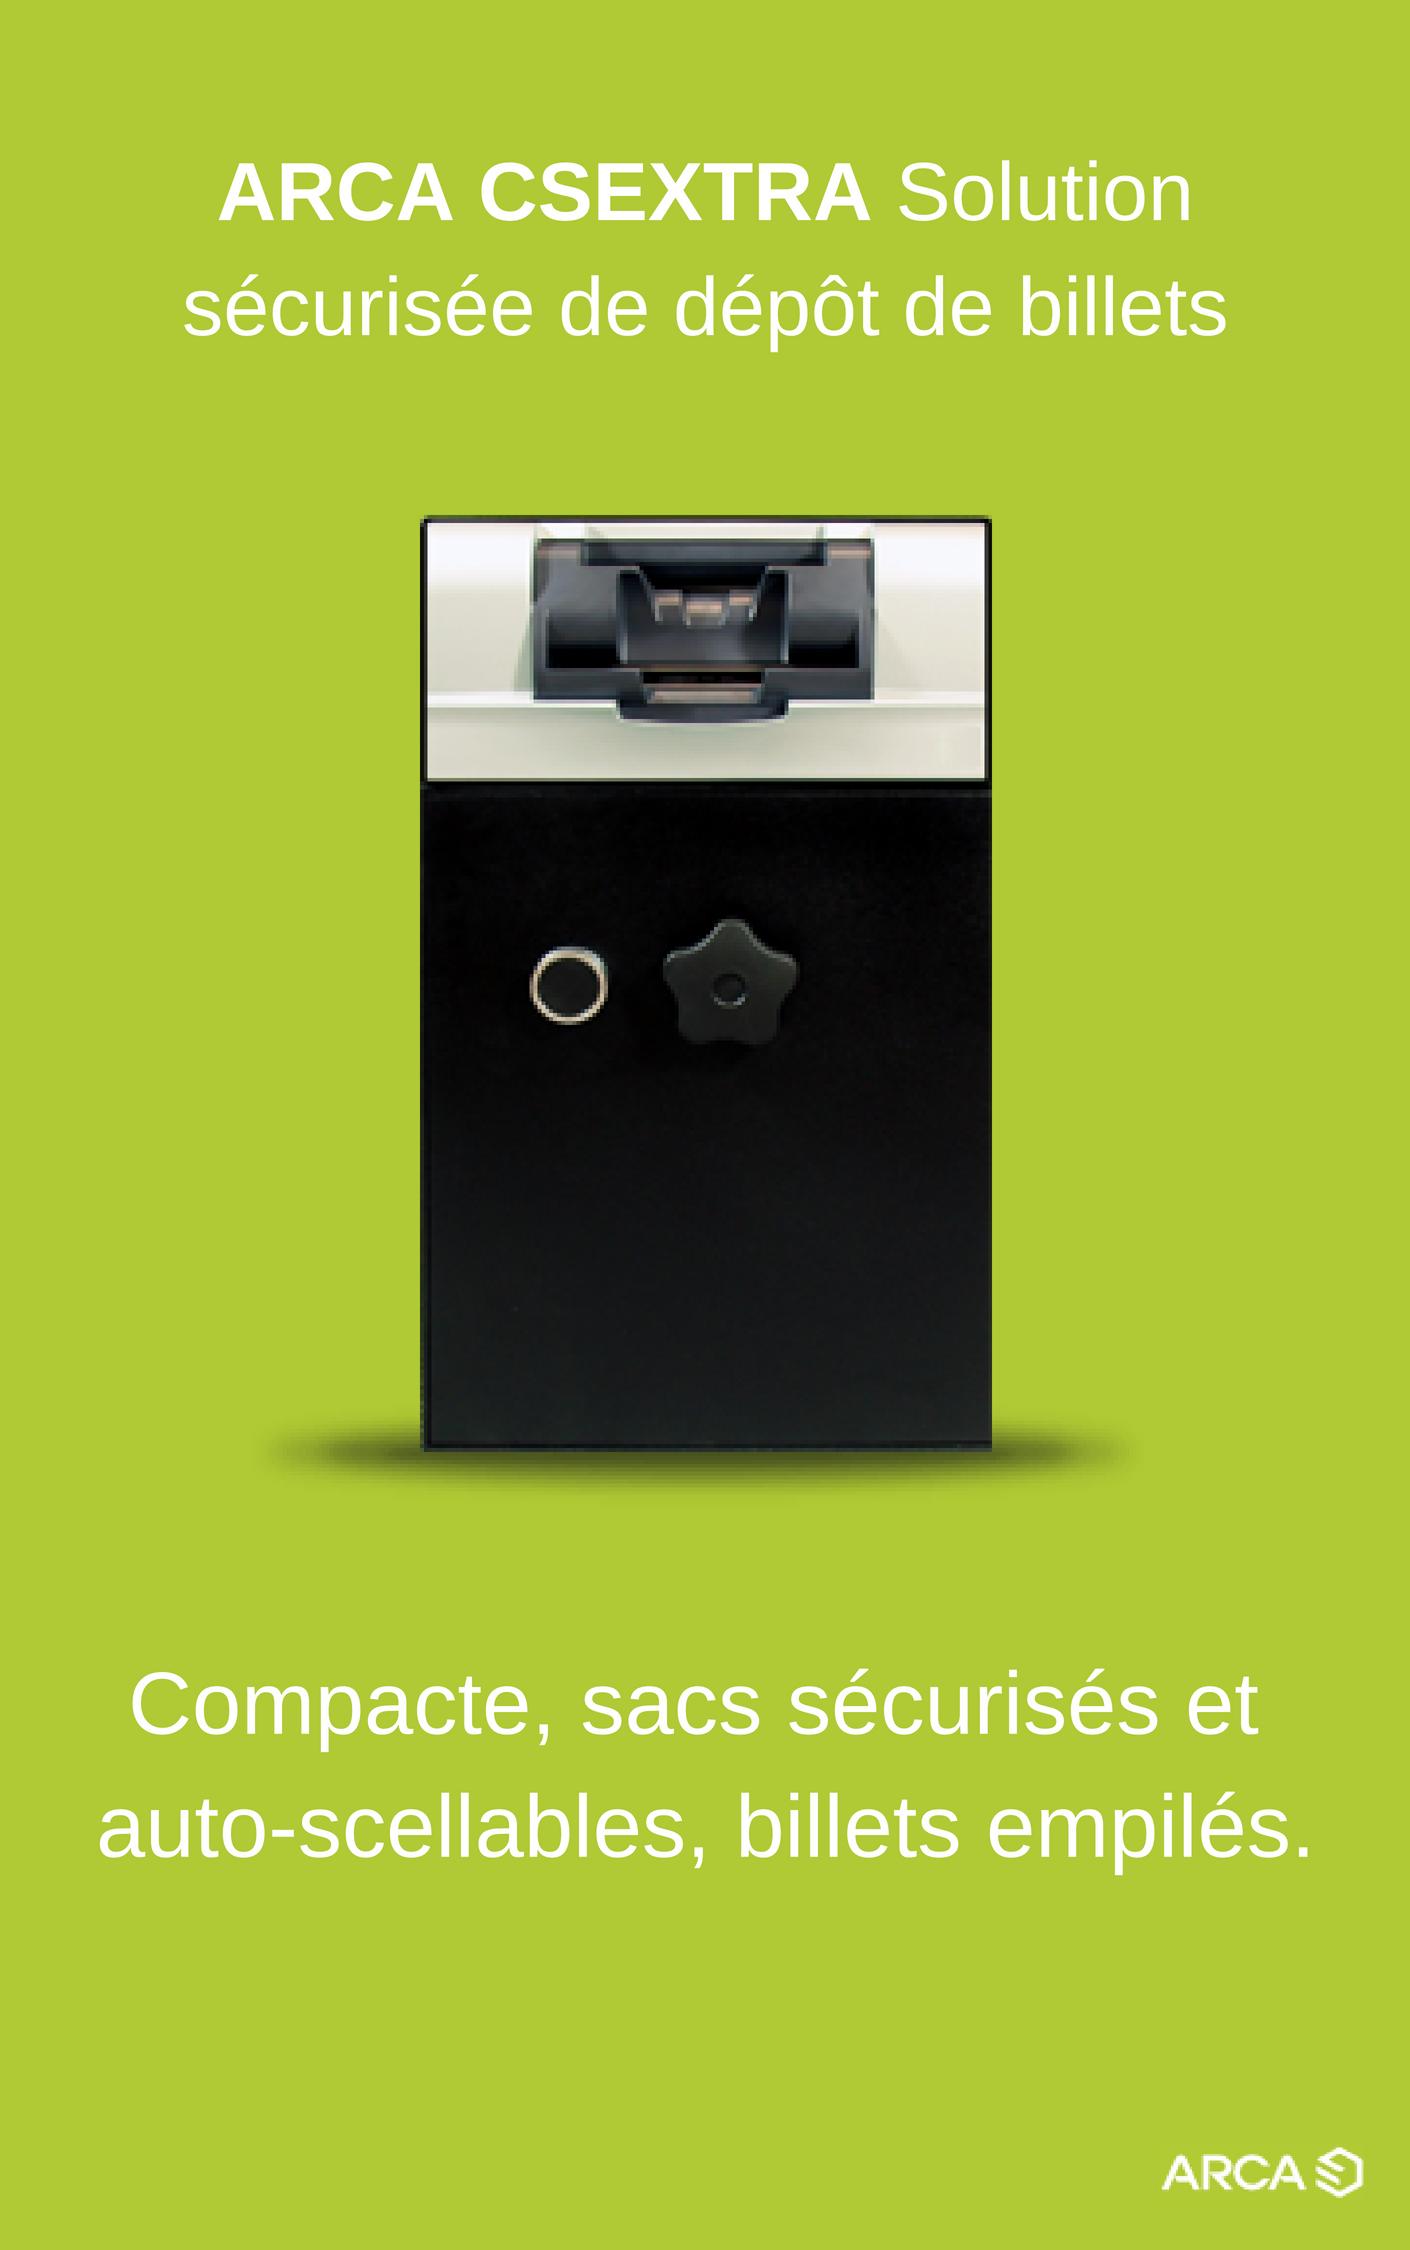 Brochure ARCA CSEXTRA Solution sécurisée de dépôt de Billets